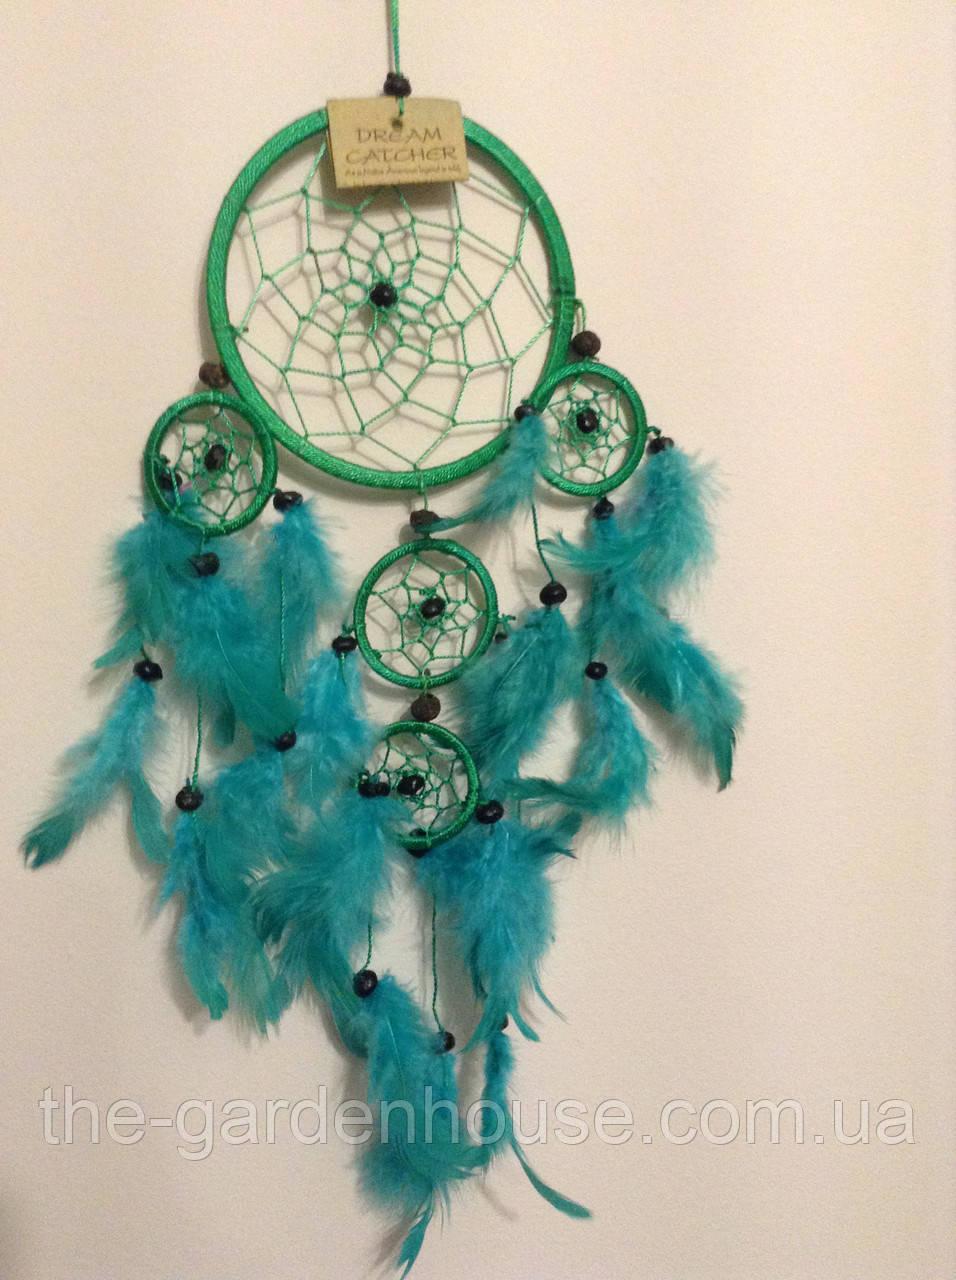 Ловец снов зеленый, d-12 см